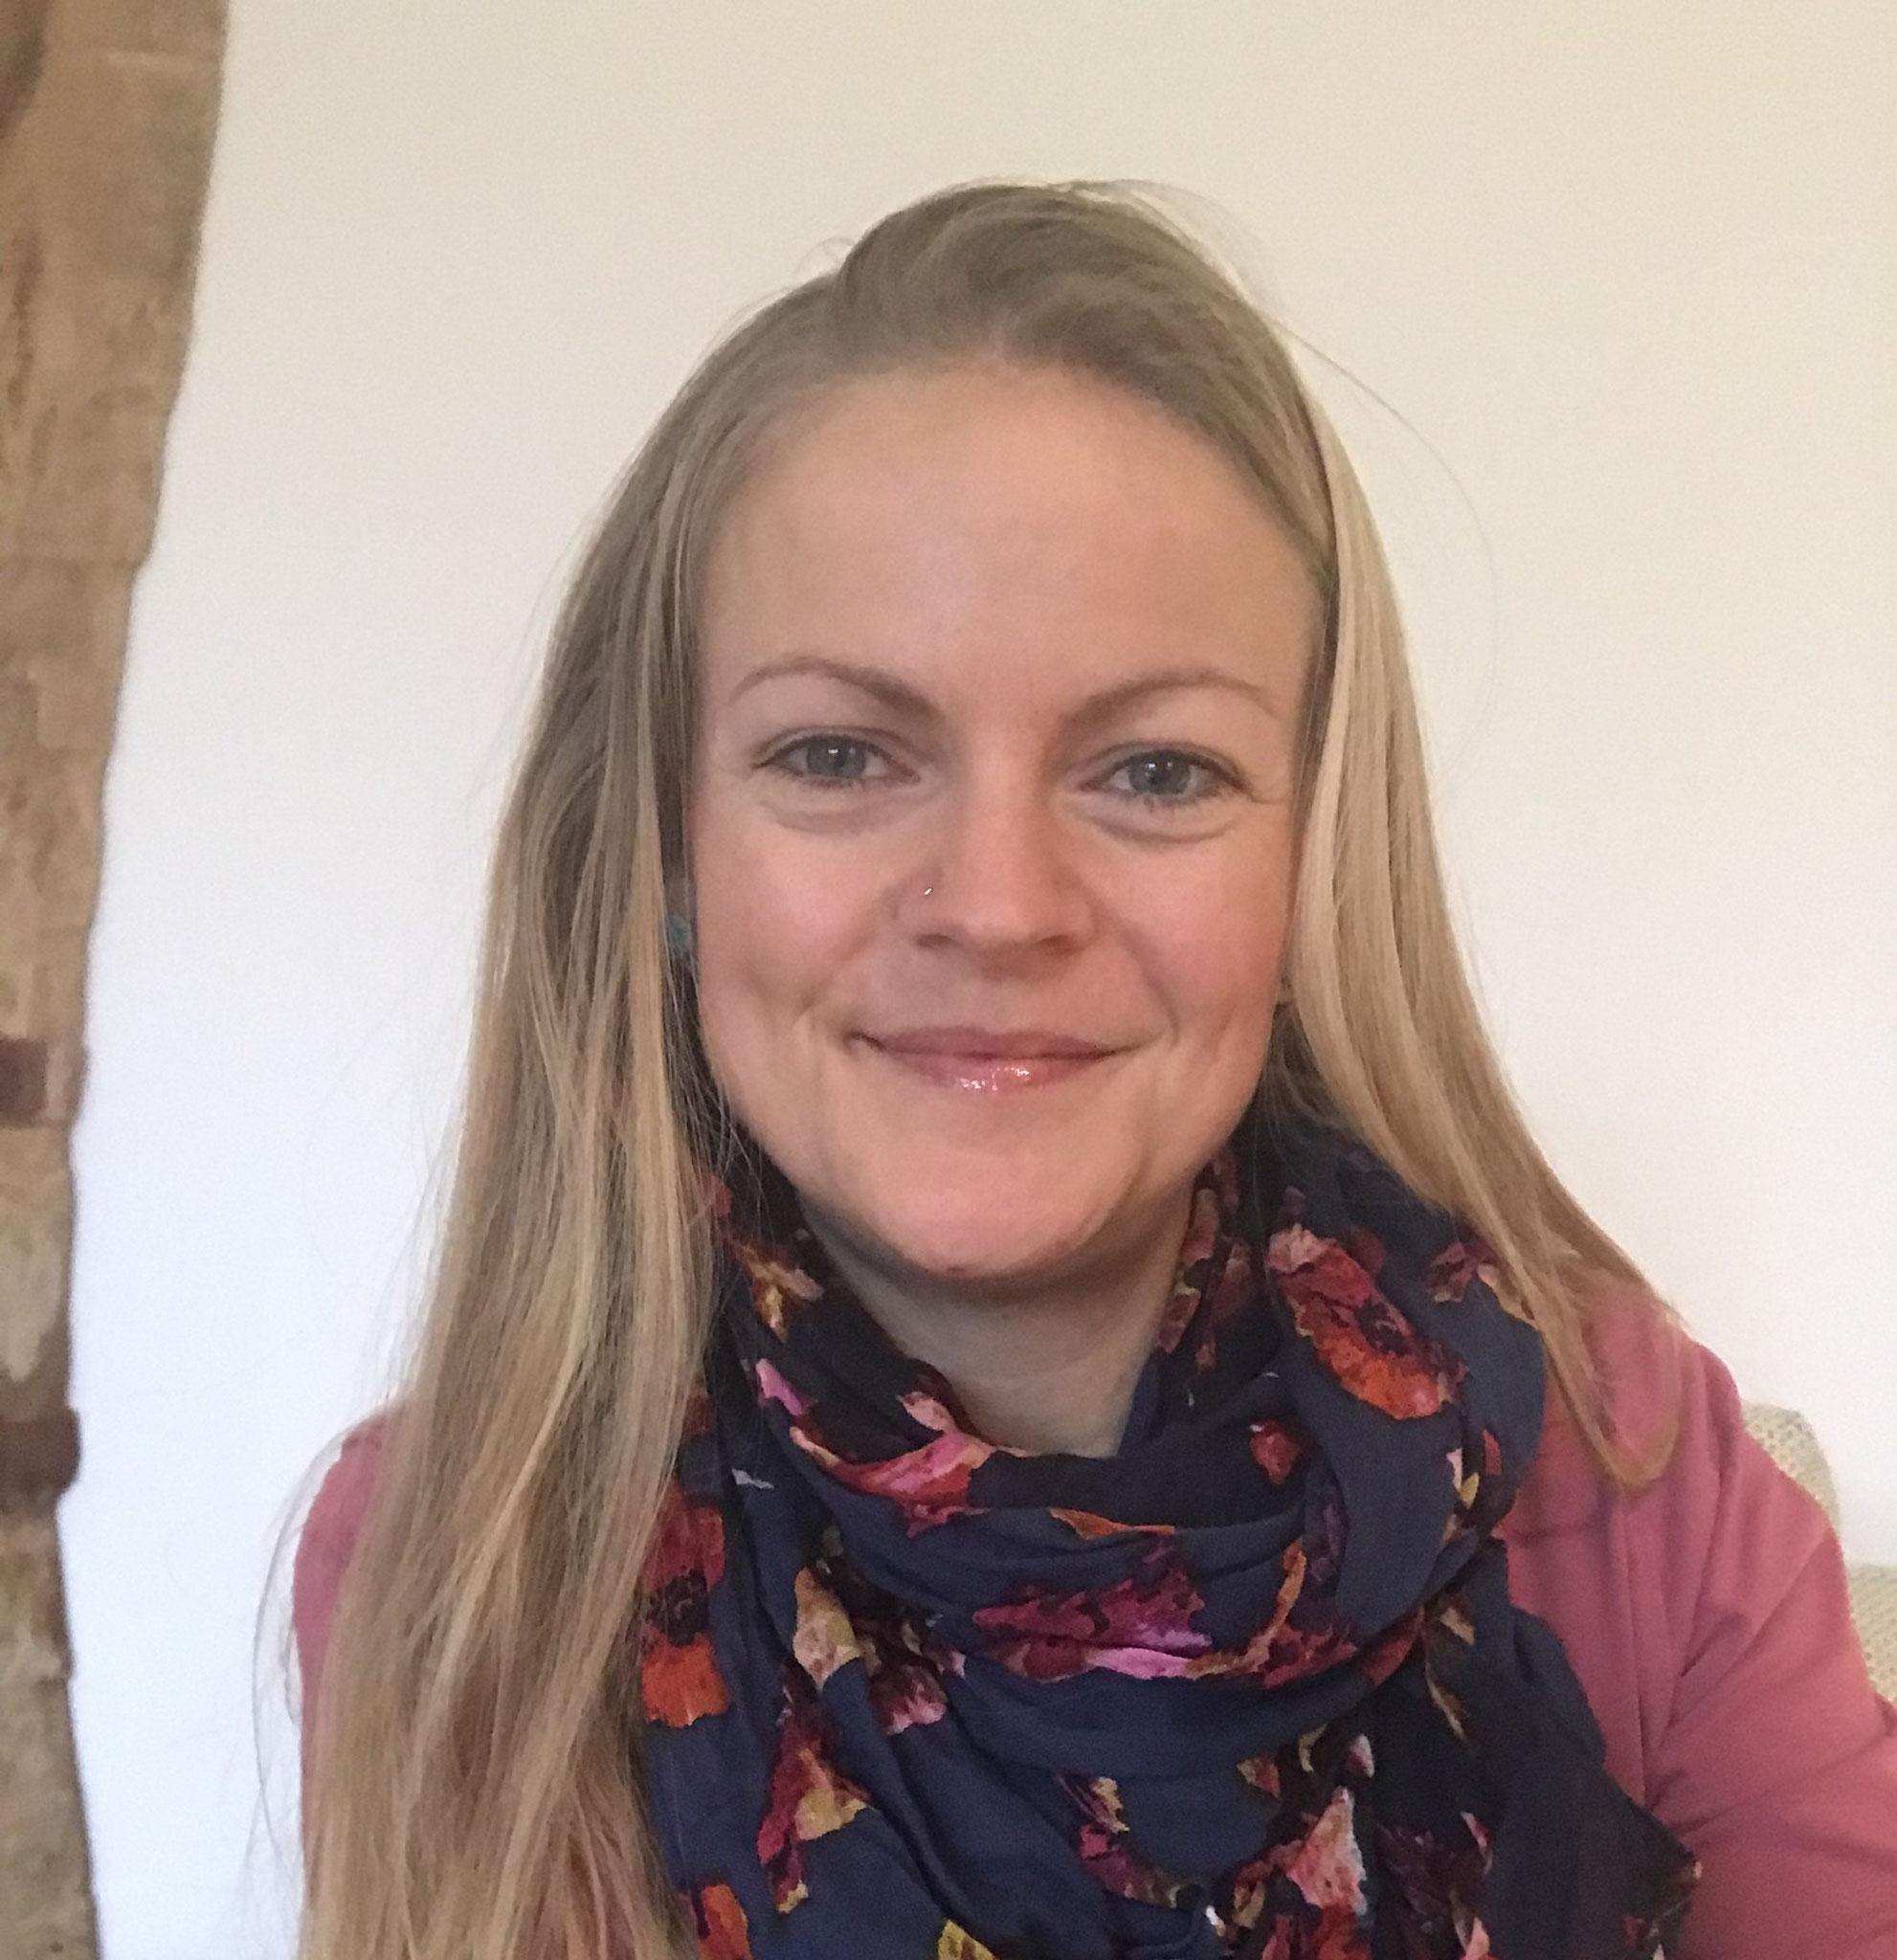 Hebamme Stefanie Gaß, Vor- & Nachsorge, Akupunktur, Aromatherapie, Referentin